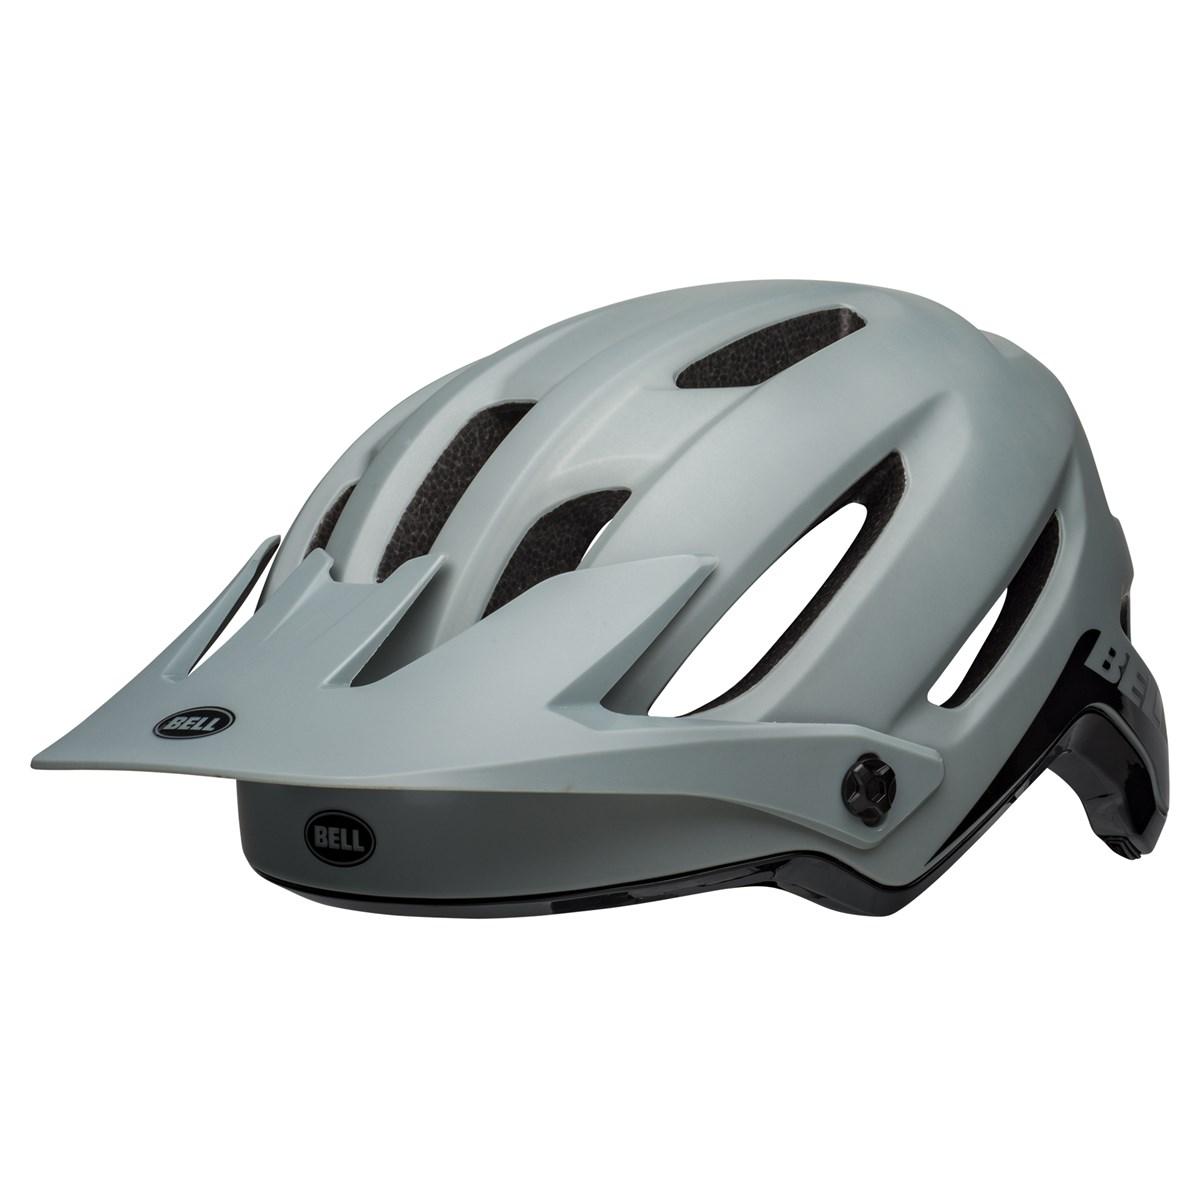 Bell Local Bmx Helmet White